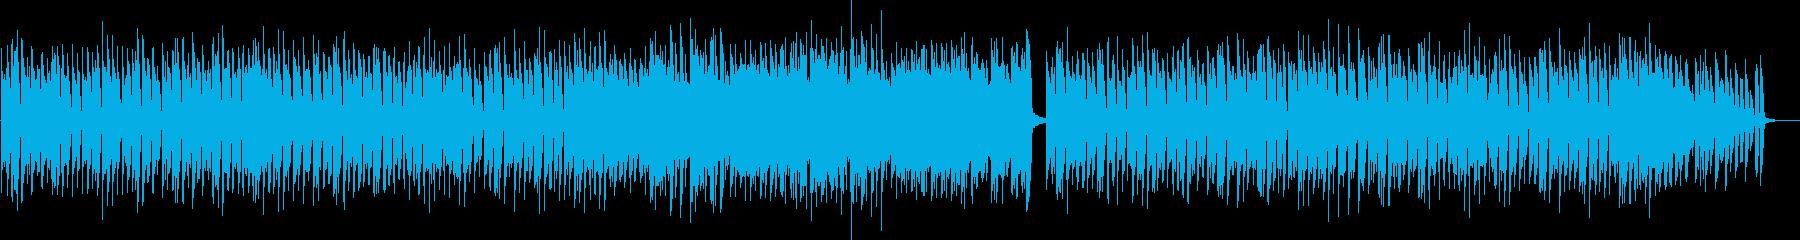 サーカスが始まるようなワクワク感ある曲の再生済みの波形